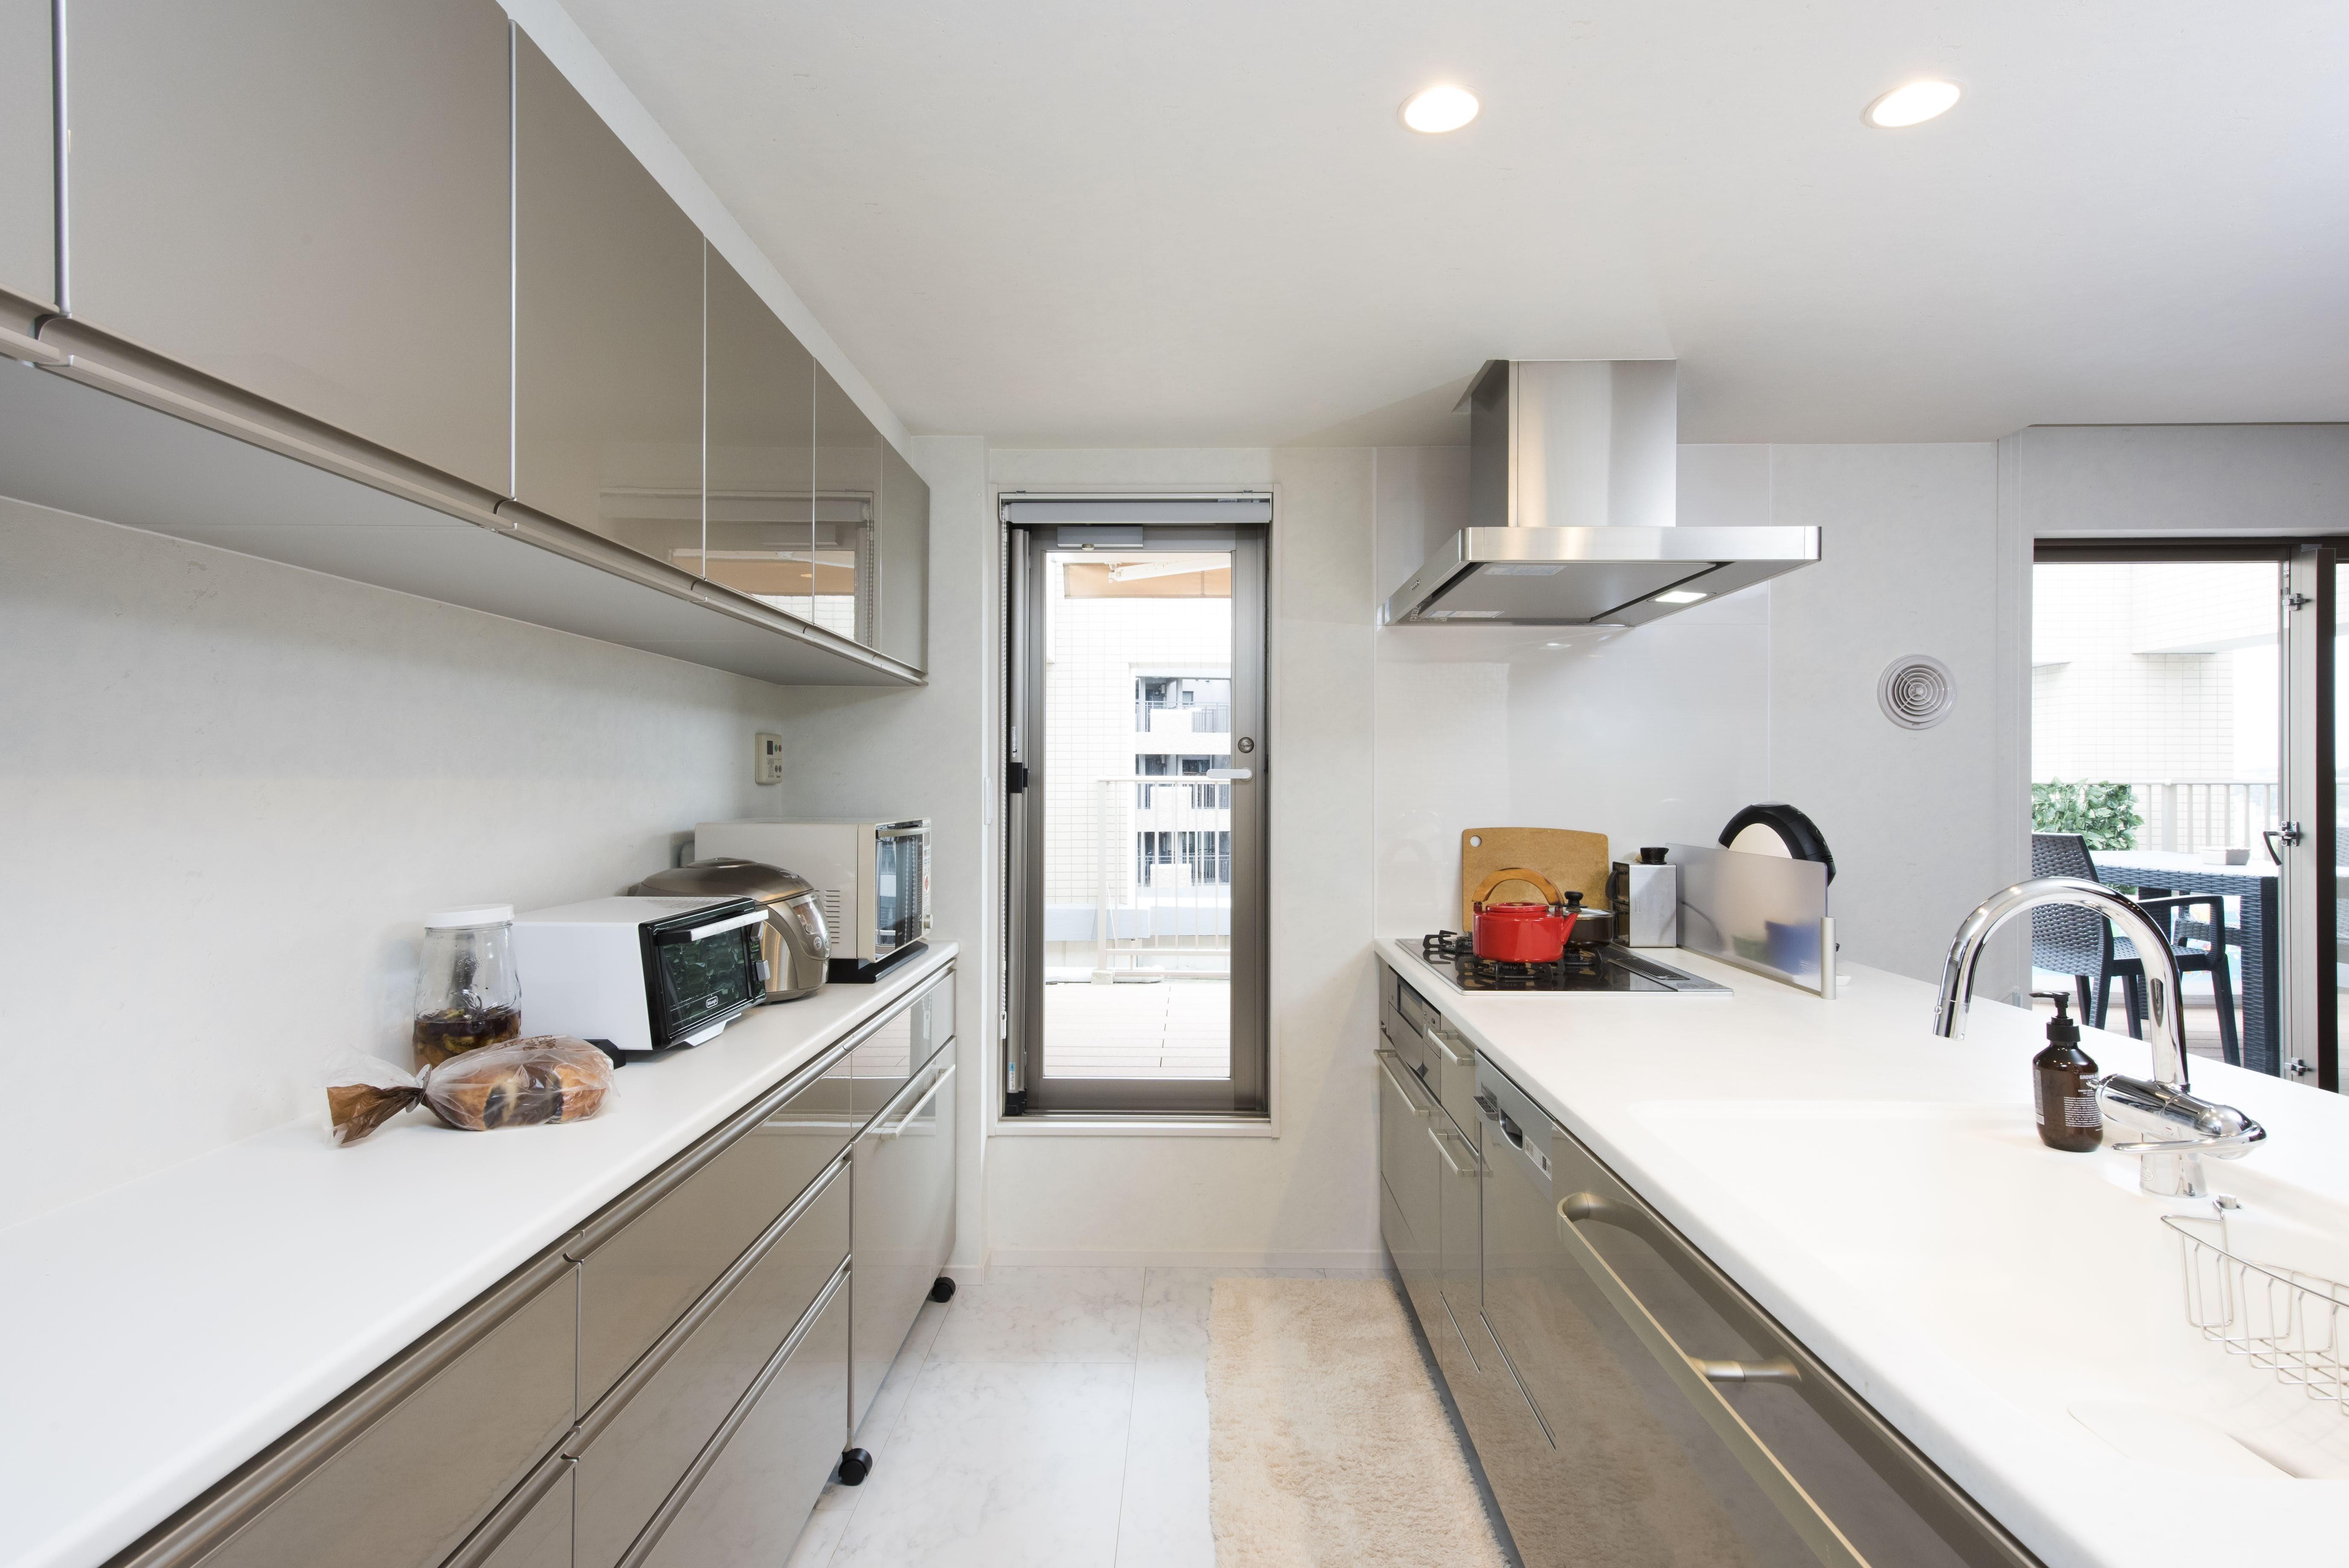 キッチン事例:清潔感があり明るいキッチン(中古マンションを購入してリフォーム。木やタイルの素材感を活かした空間を実現。)